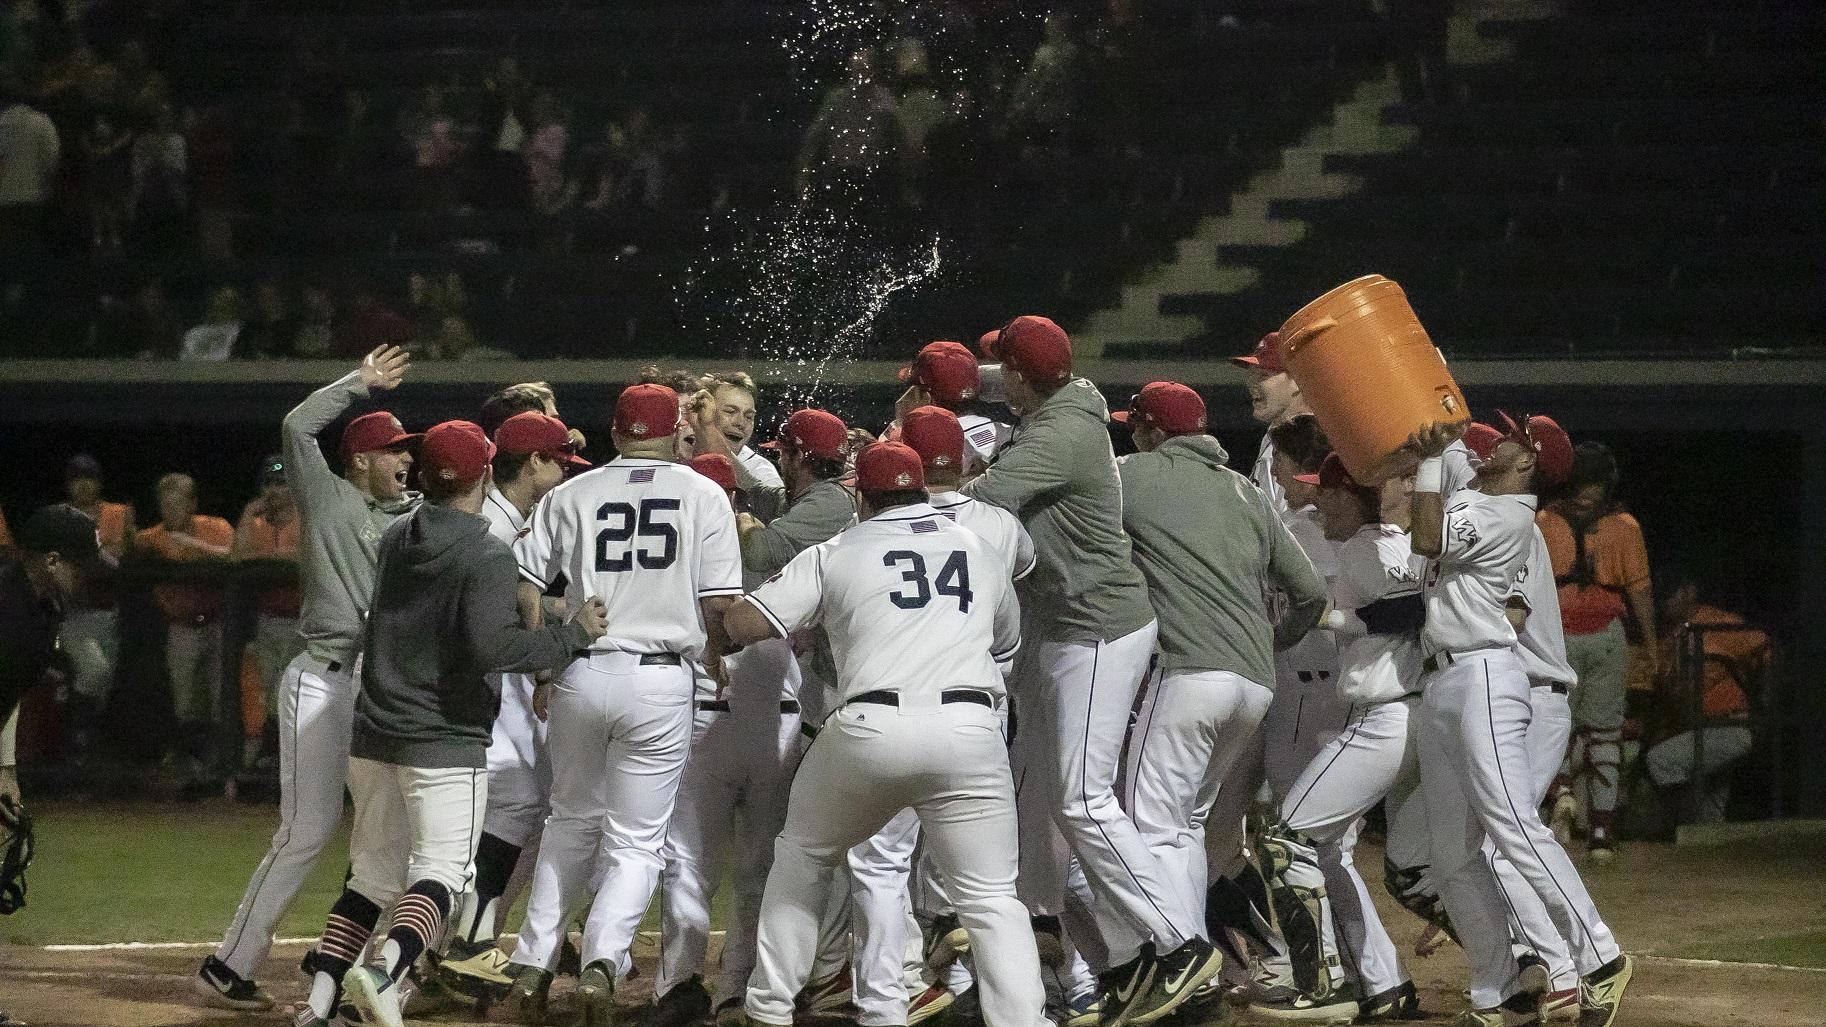 95fa5117b275c News - Walla Walla Sweets Baseball